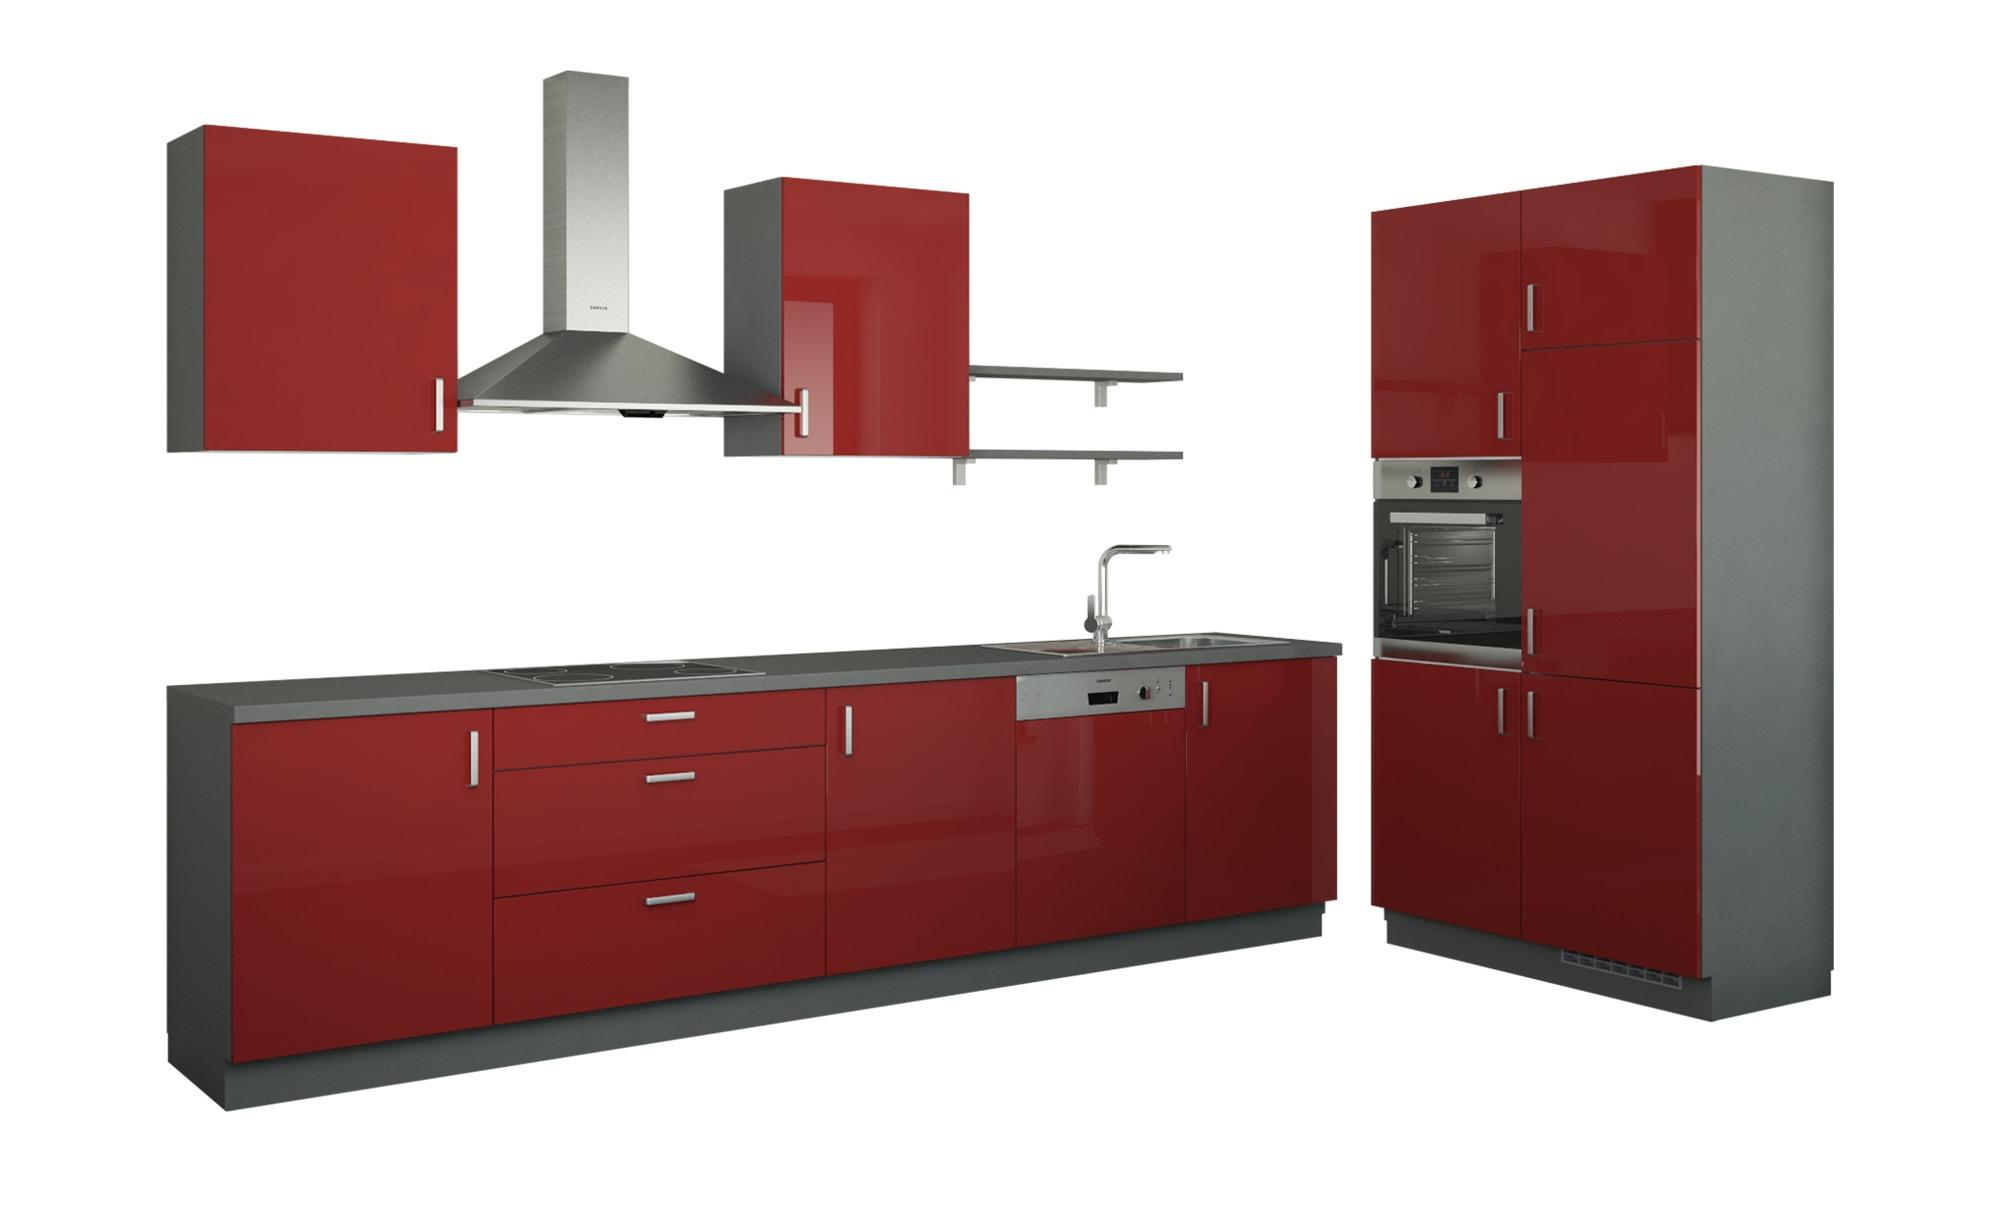 Küchenzeile ohne Elektrogeräte  Usedom ¦ rot Küchen > Küchenblöcke - Höffner | Küche und Esszimmer > Küchen | Möbel Höffner DE